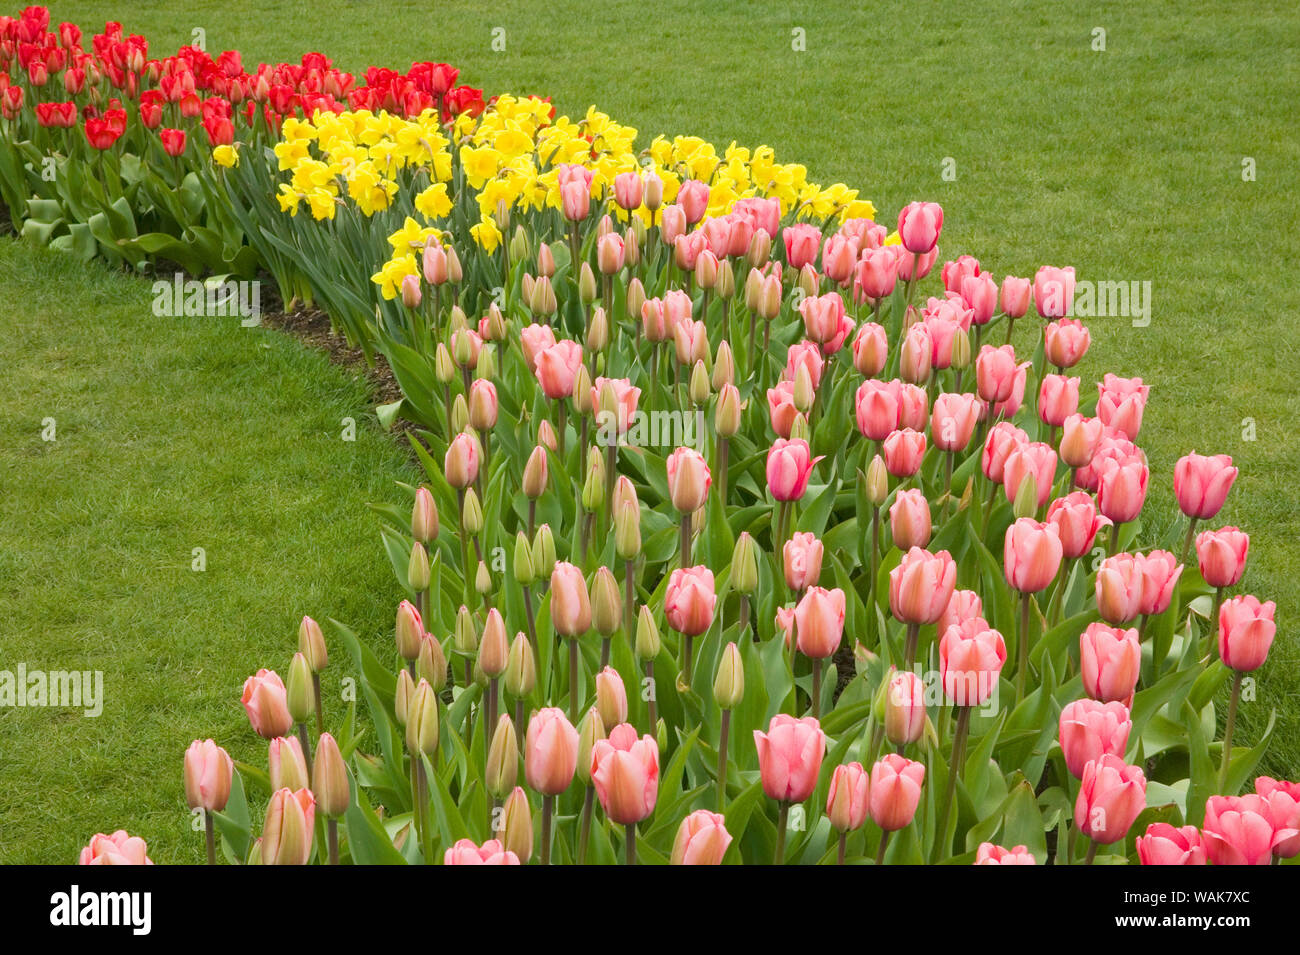 Mount Vernon, nello Stato di Washington, USA. Riga di curve di tulipani e narcisi, con in primo piano del Rosa impressione tulipani, terra di mezzo del valore standard di narcisi e posteriore del rosso tulipani di impressione. Foto Stock